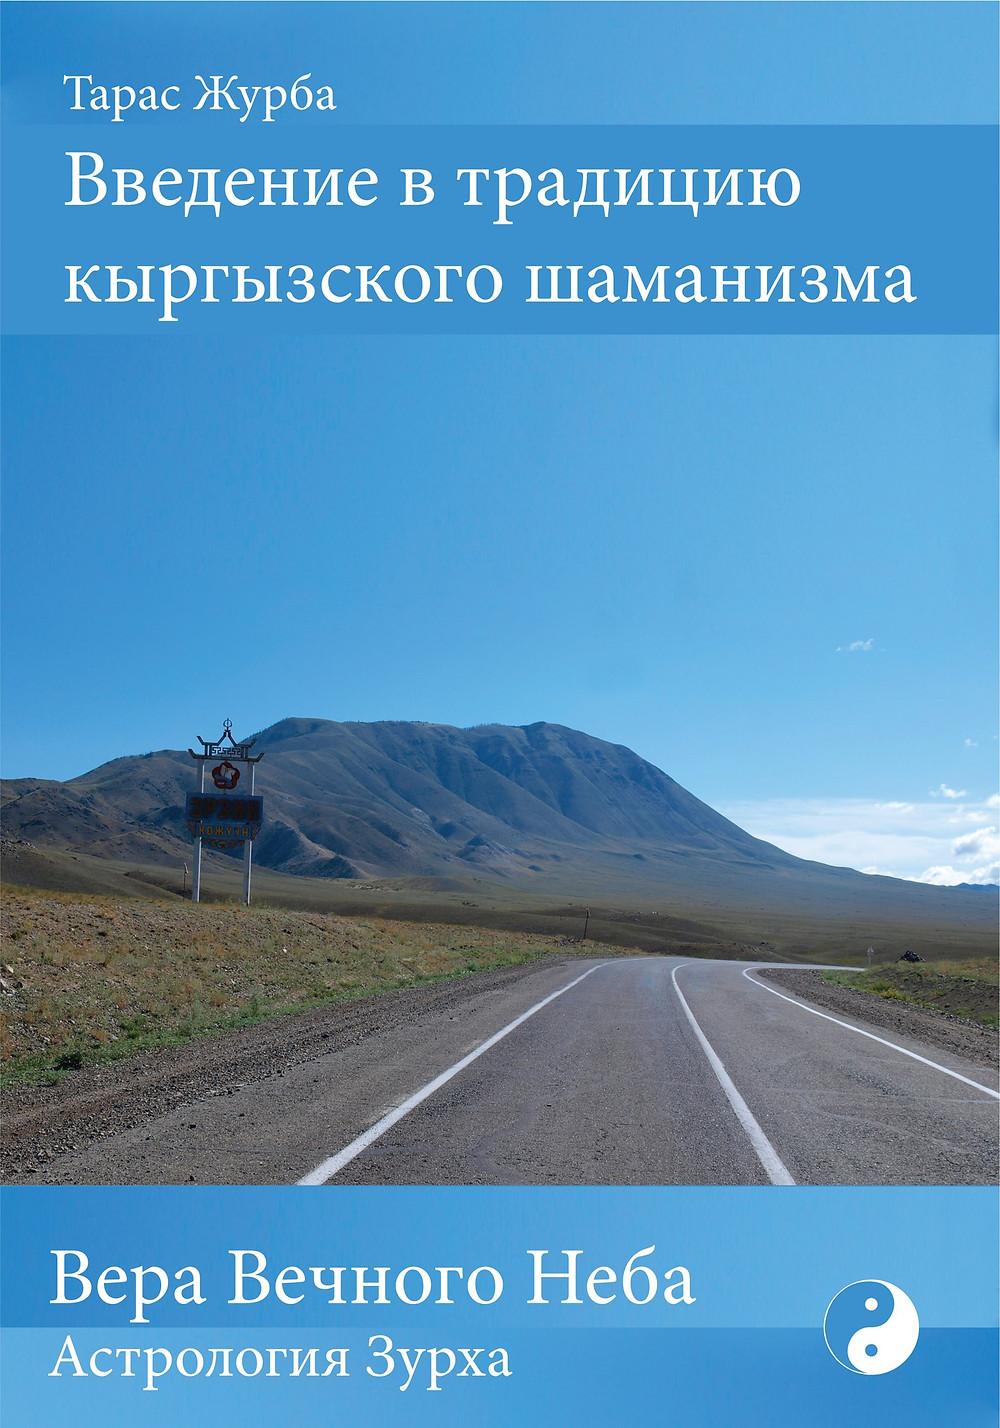 вера вечного неба, введение в традицию кыргызского шаманизма, Тарас Журба, астрология Зурха